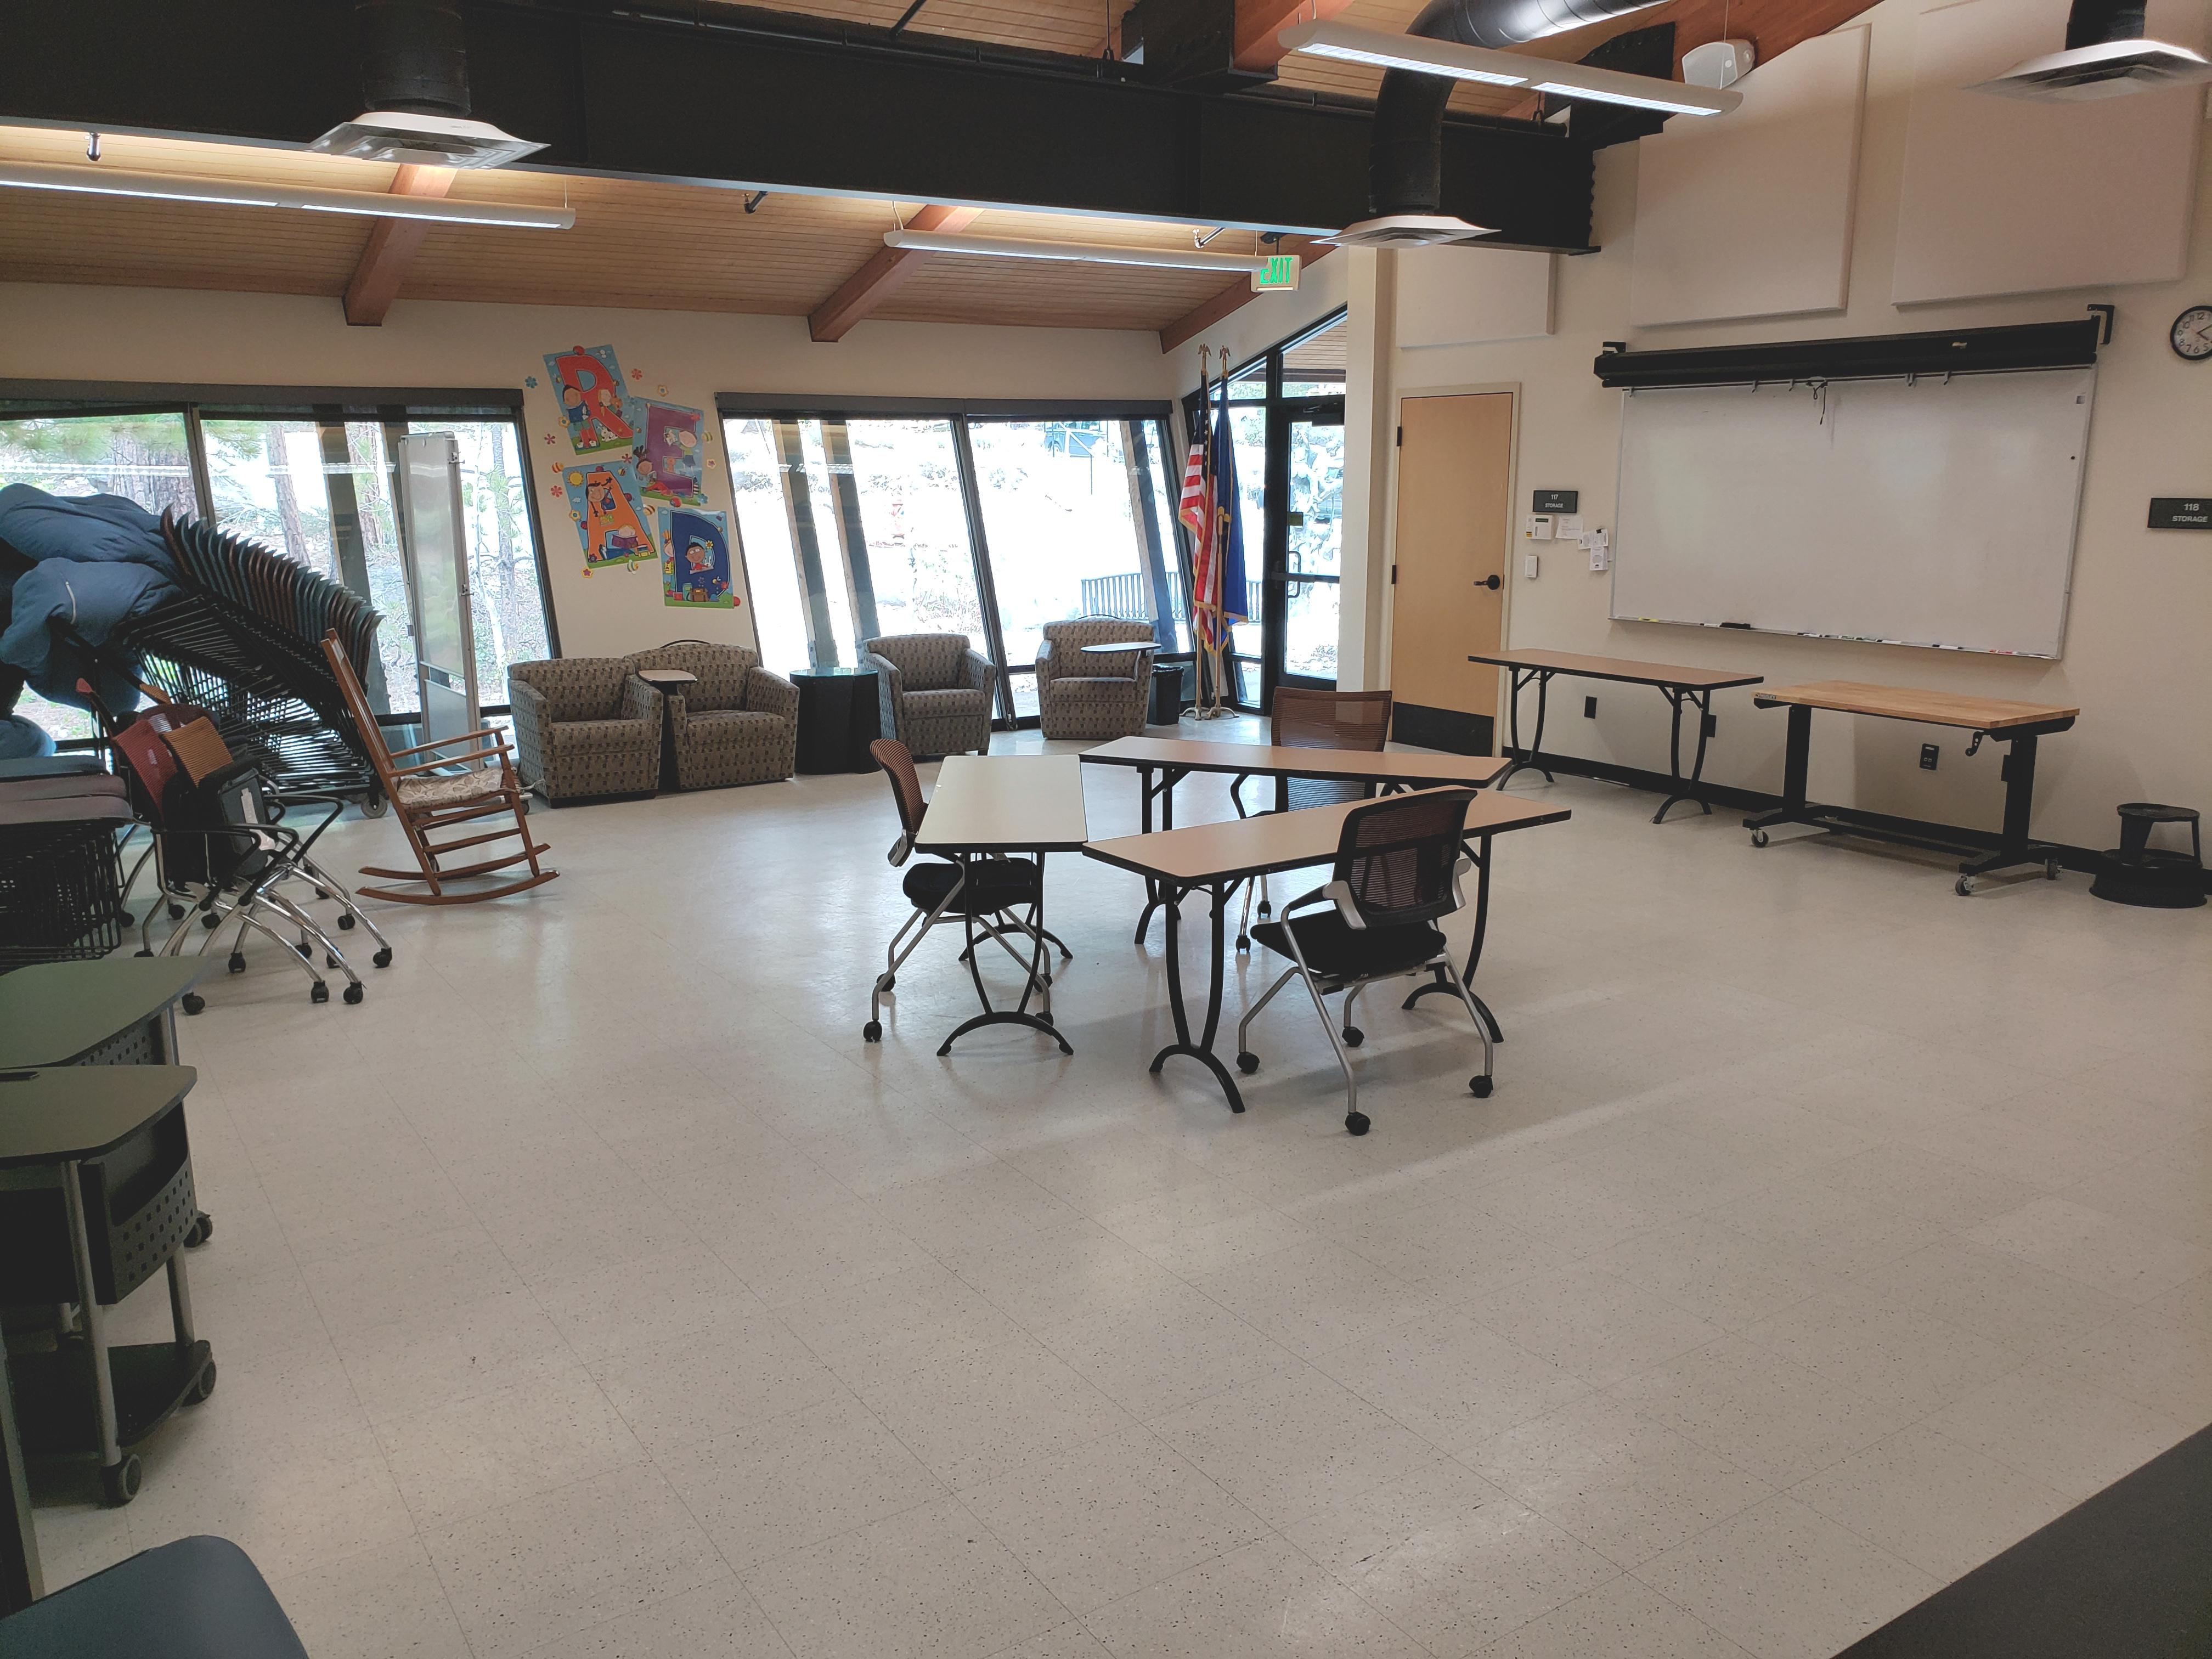 meeting room looking northwest